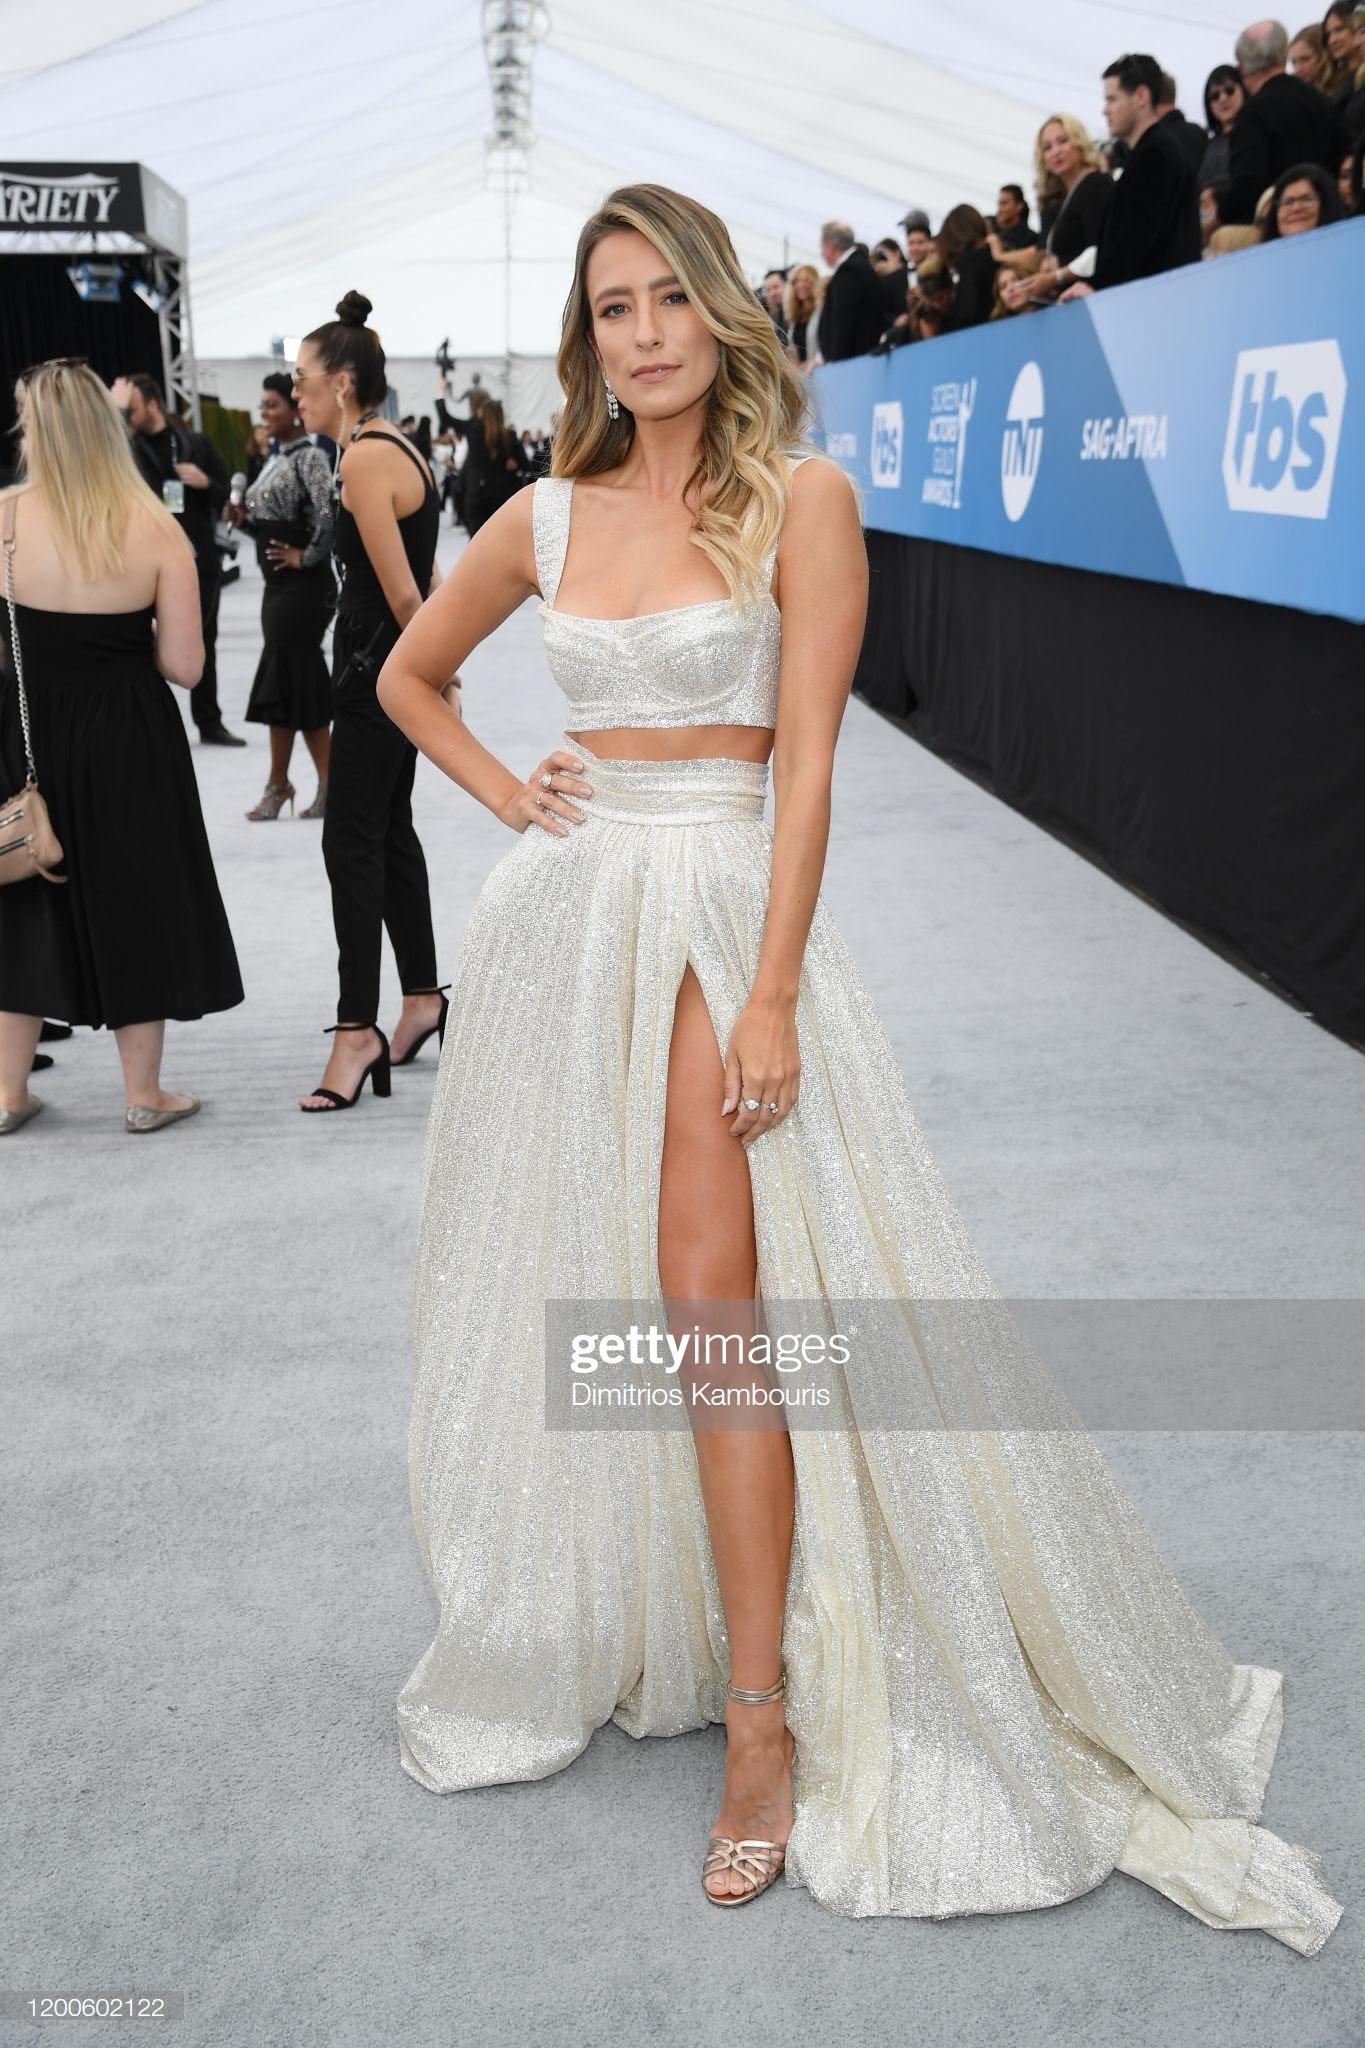 """5be95c6e 258f 4ed2 8368 4827ae2ae532 - Screen Actors Guild Awards"""" 2020: Scarlett Johansson y Leonardo Dicaprio entre las celebrities que lucieron Jimmy Choo"""